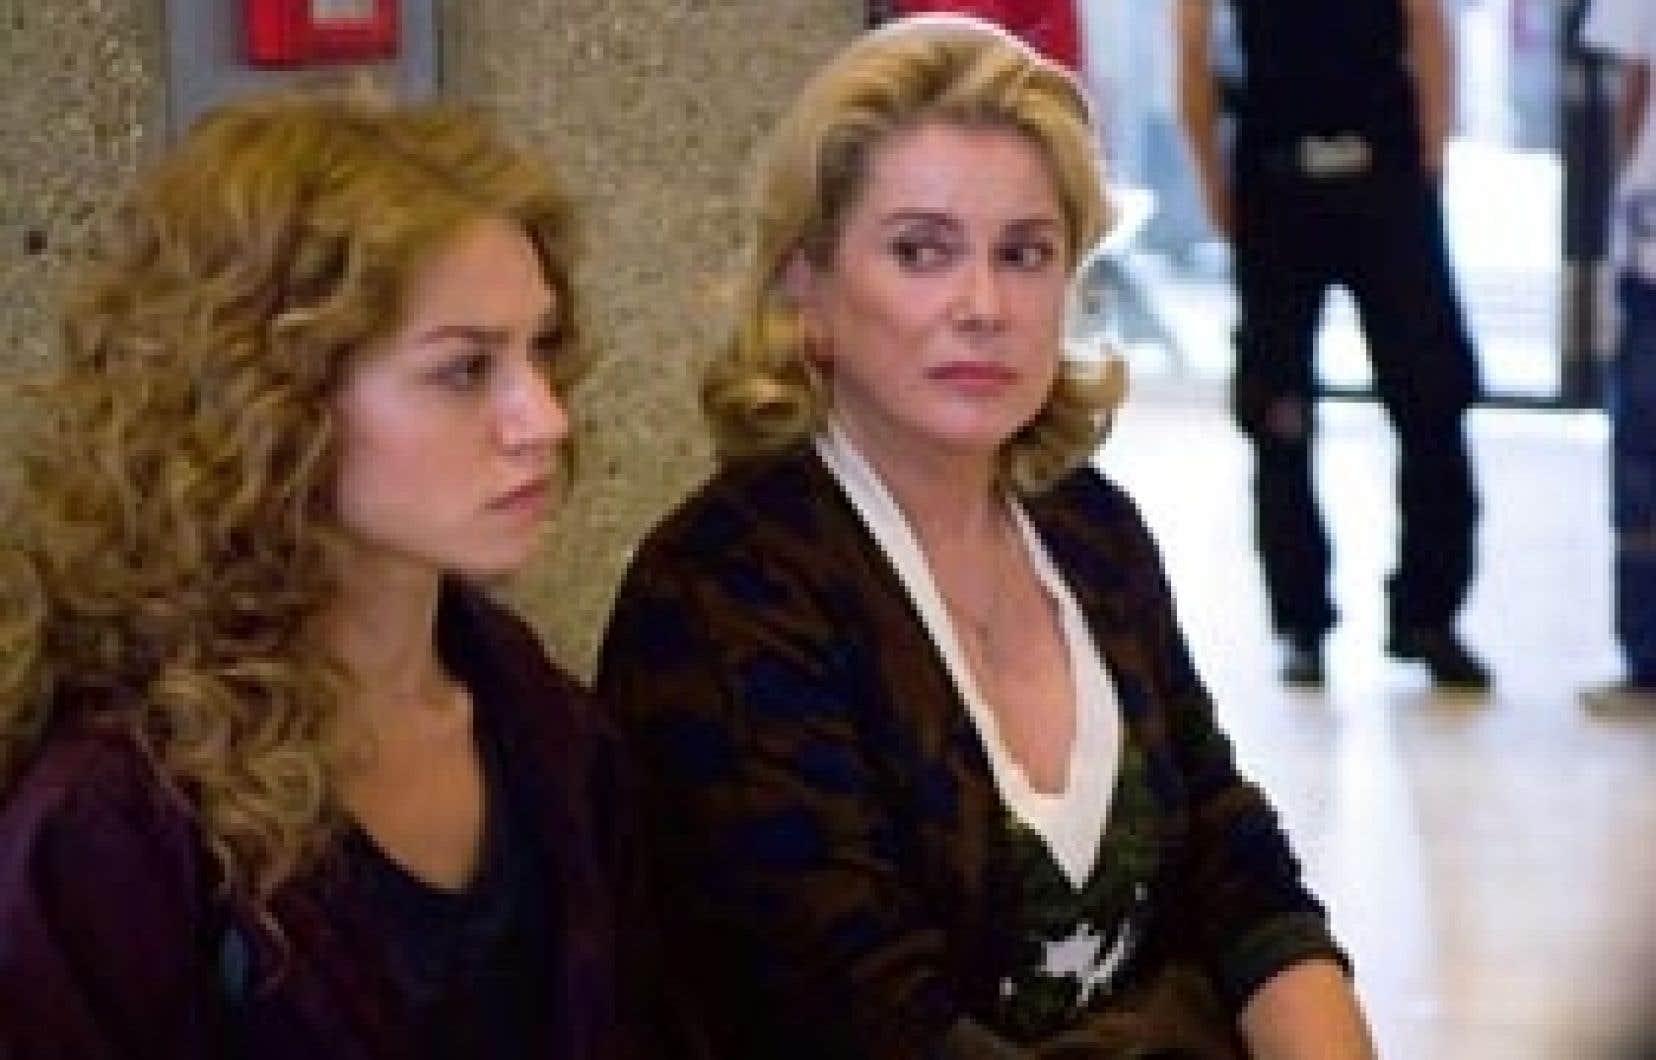 Émilie Dequenne est d'une fragilité émouvante en jeune fille ayant inventé une agression antisémite tandis que Catherine Deneuve est très crédible dans le rôle de sa mère.